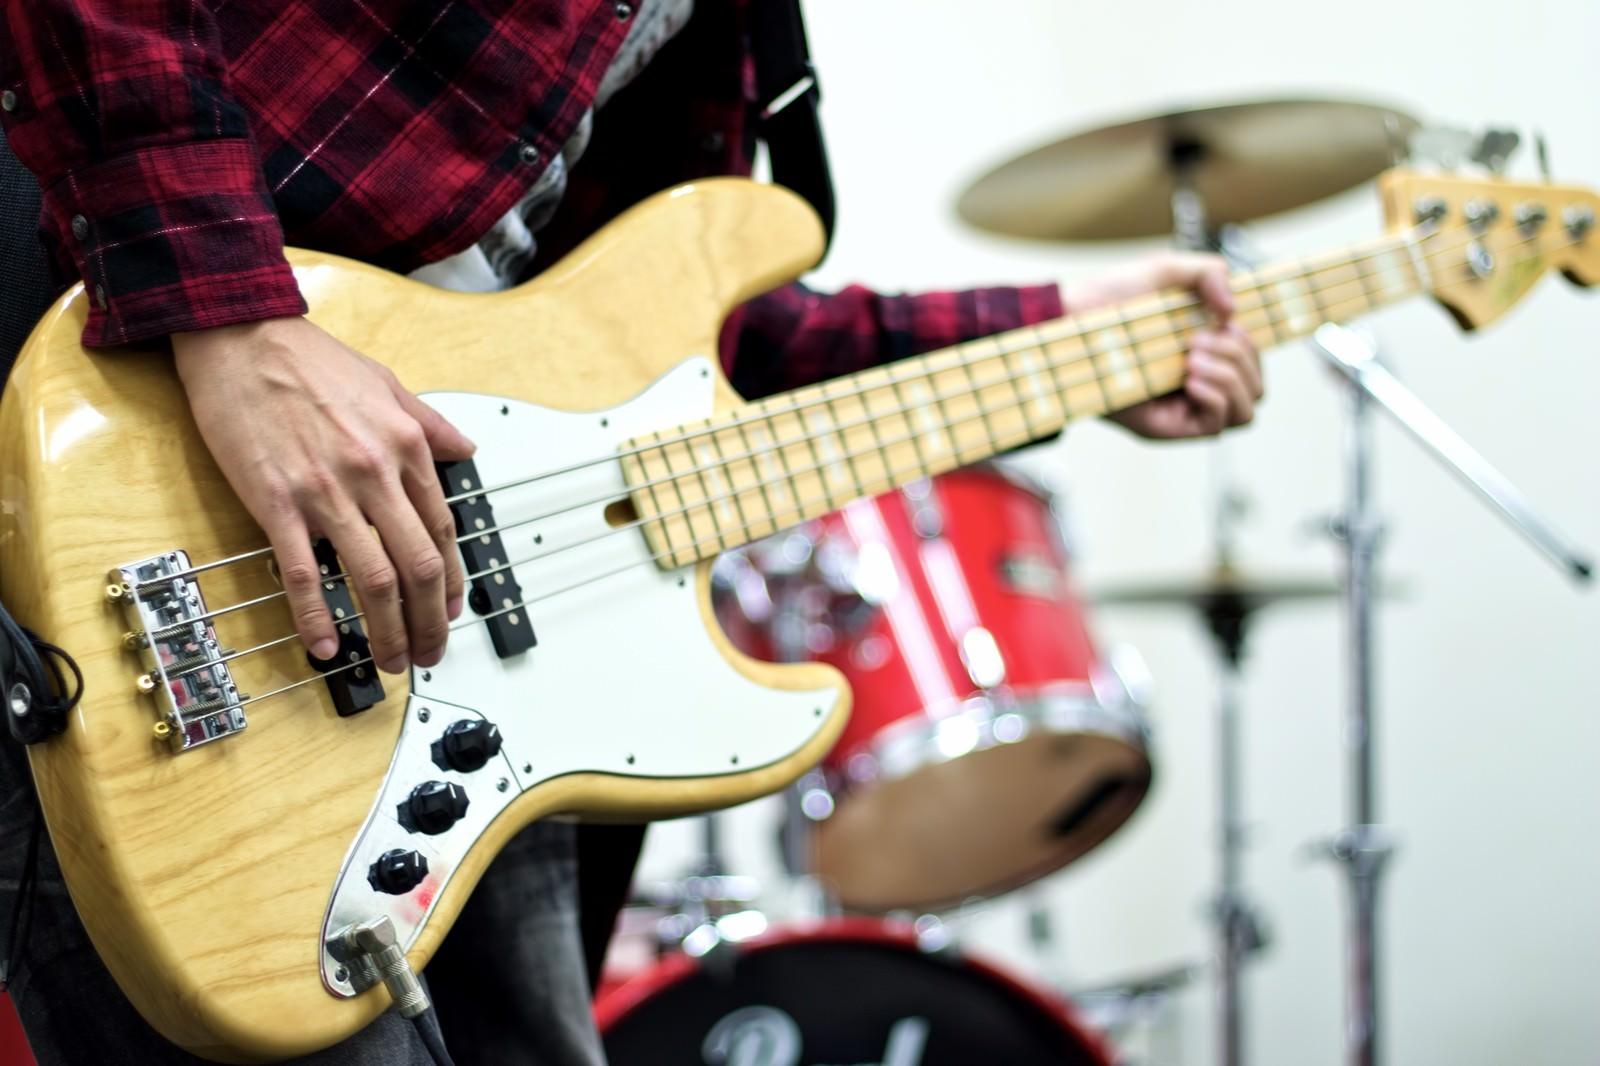 「スタジオでバンド練習(ベース)」の写真